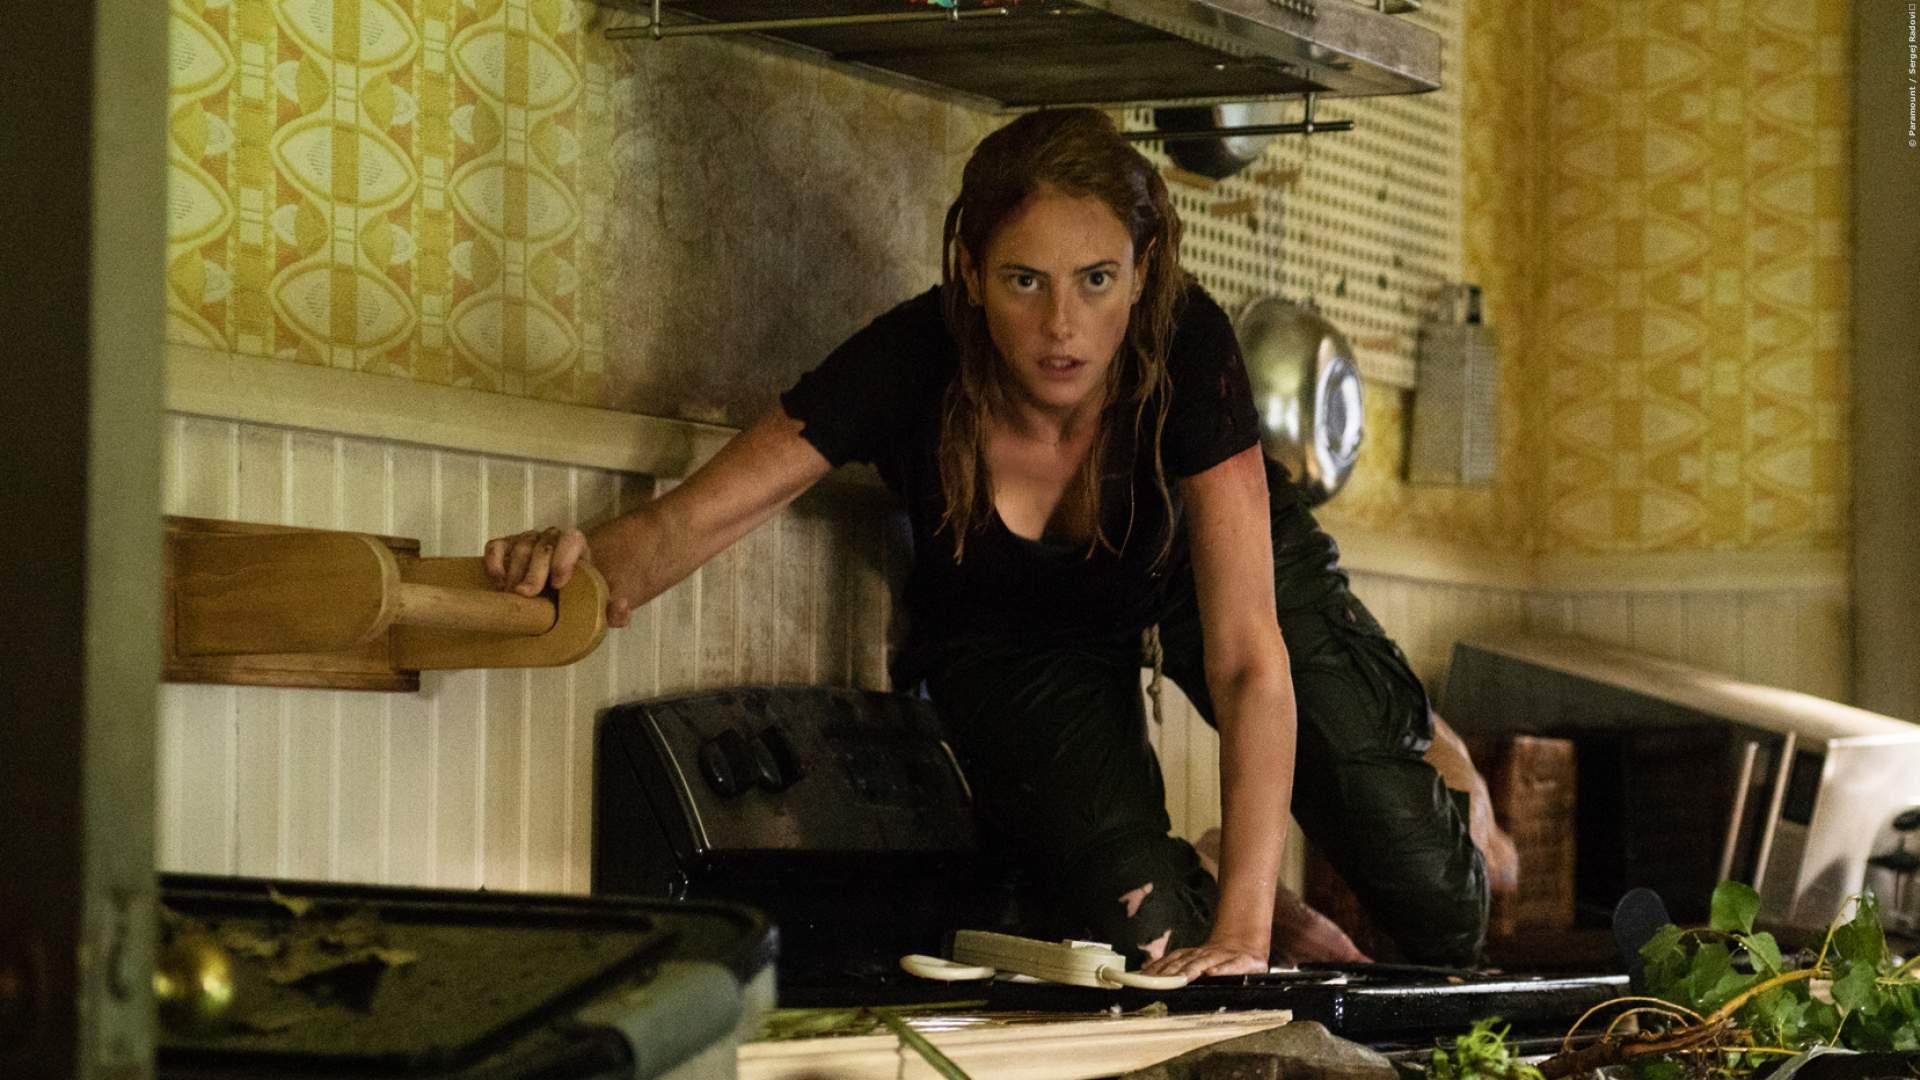 SCHOCKER: Mit der Sturmflut kommen die Monster - Trailer zum Kino-Horror 'Crawl'